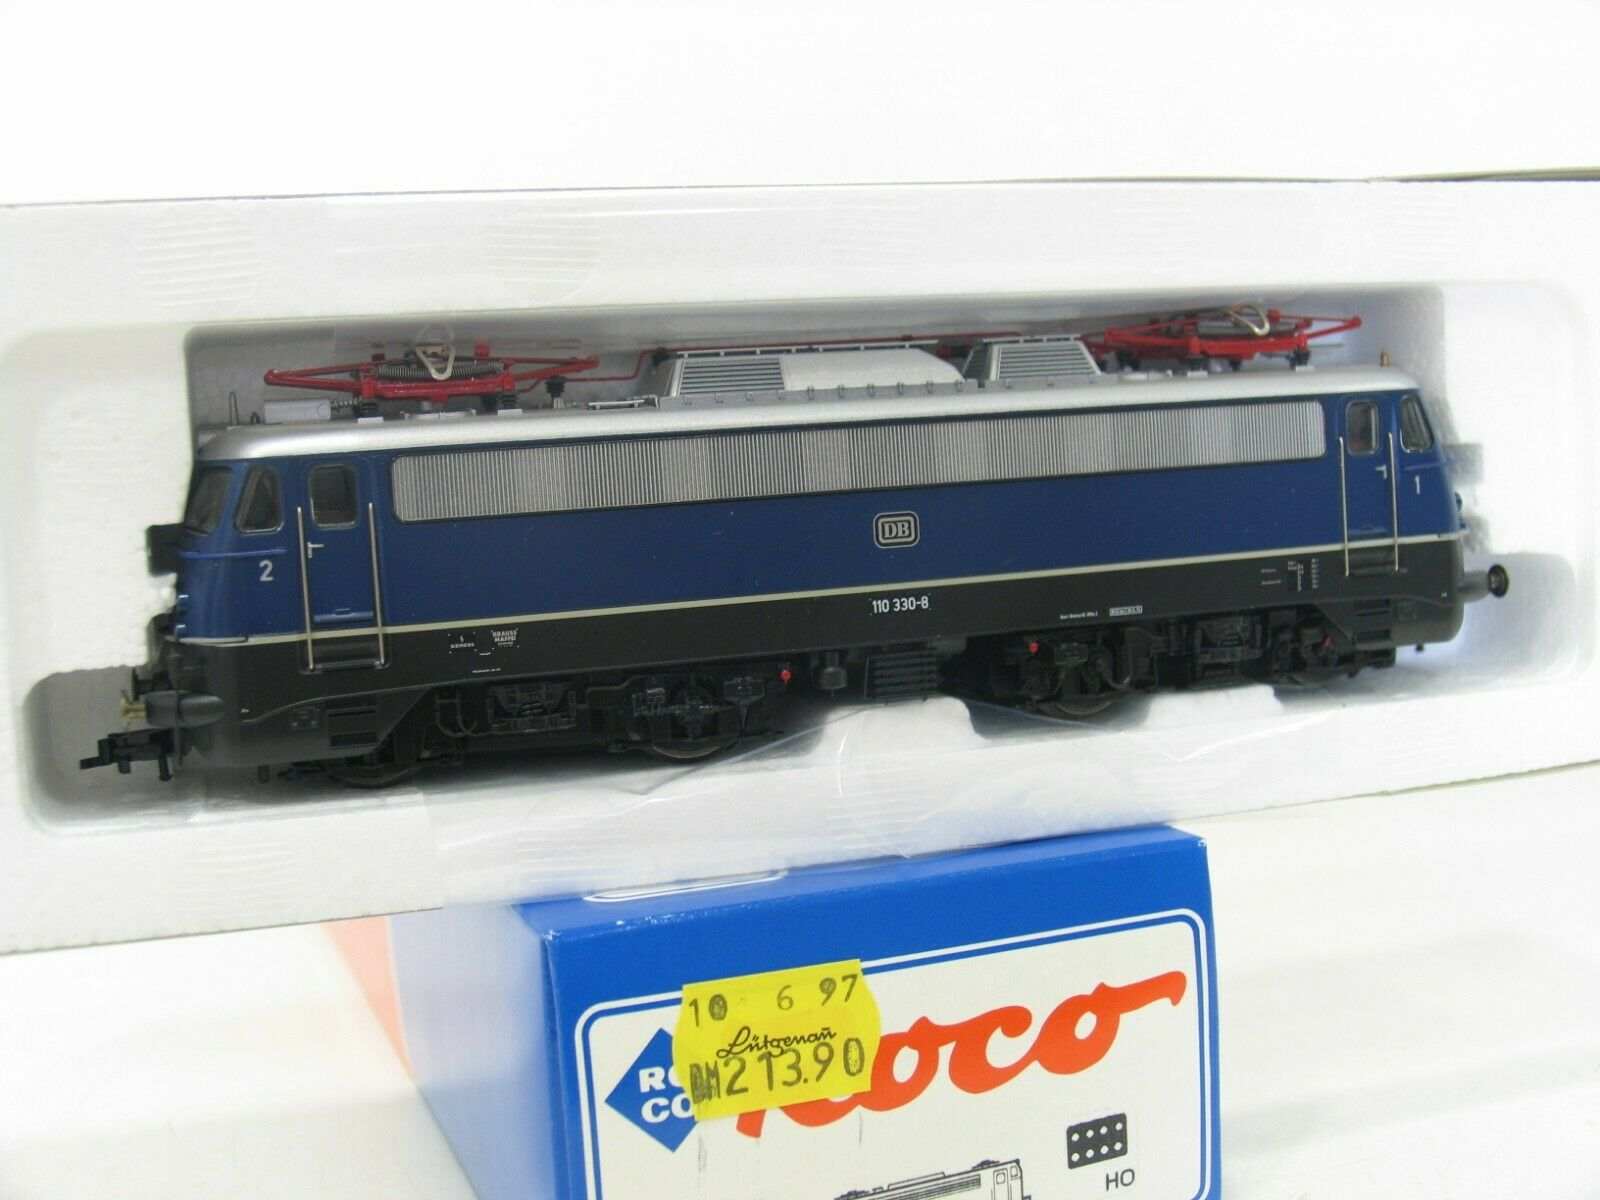 caliente Roco 43790 e-Lok br 110 330-8 330-8 330-8 azul de la DB do252  gran selección y entrega rápida